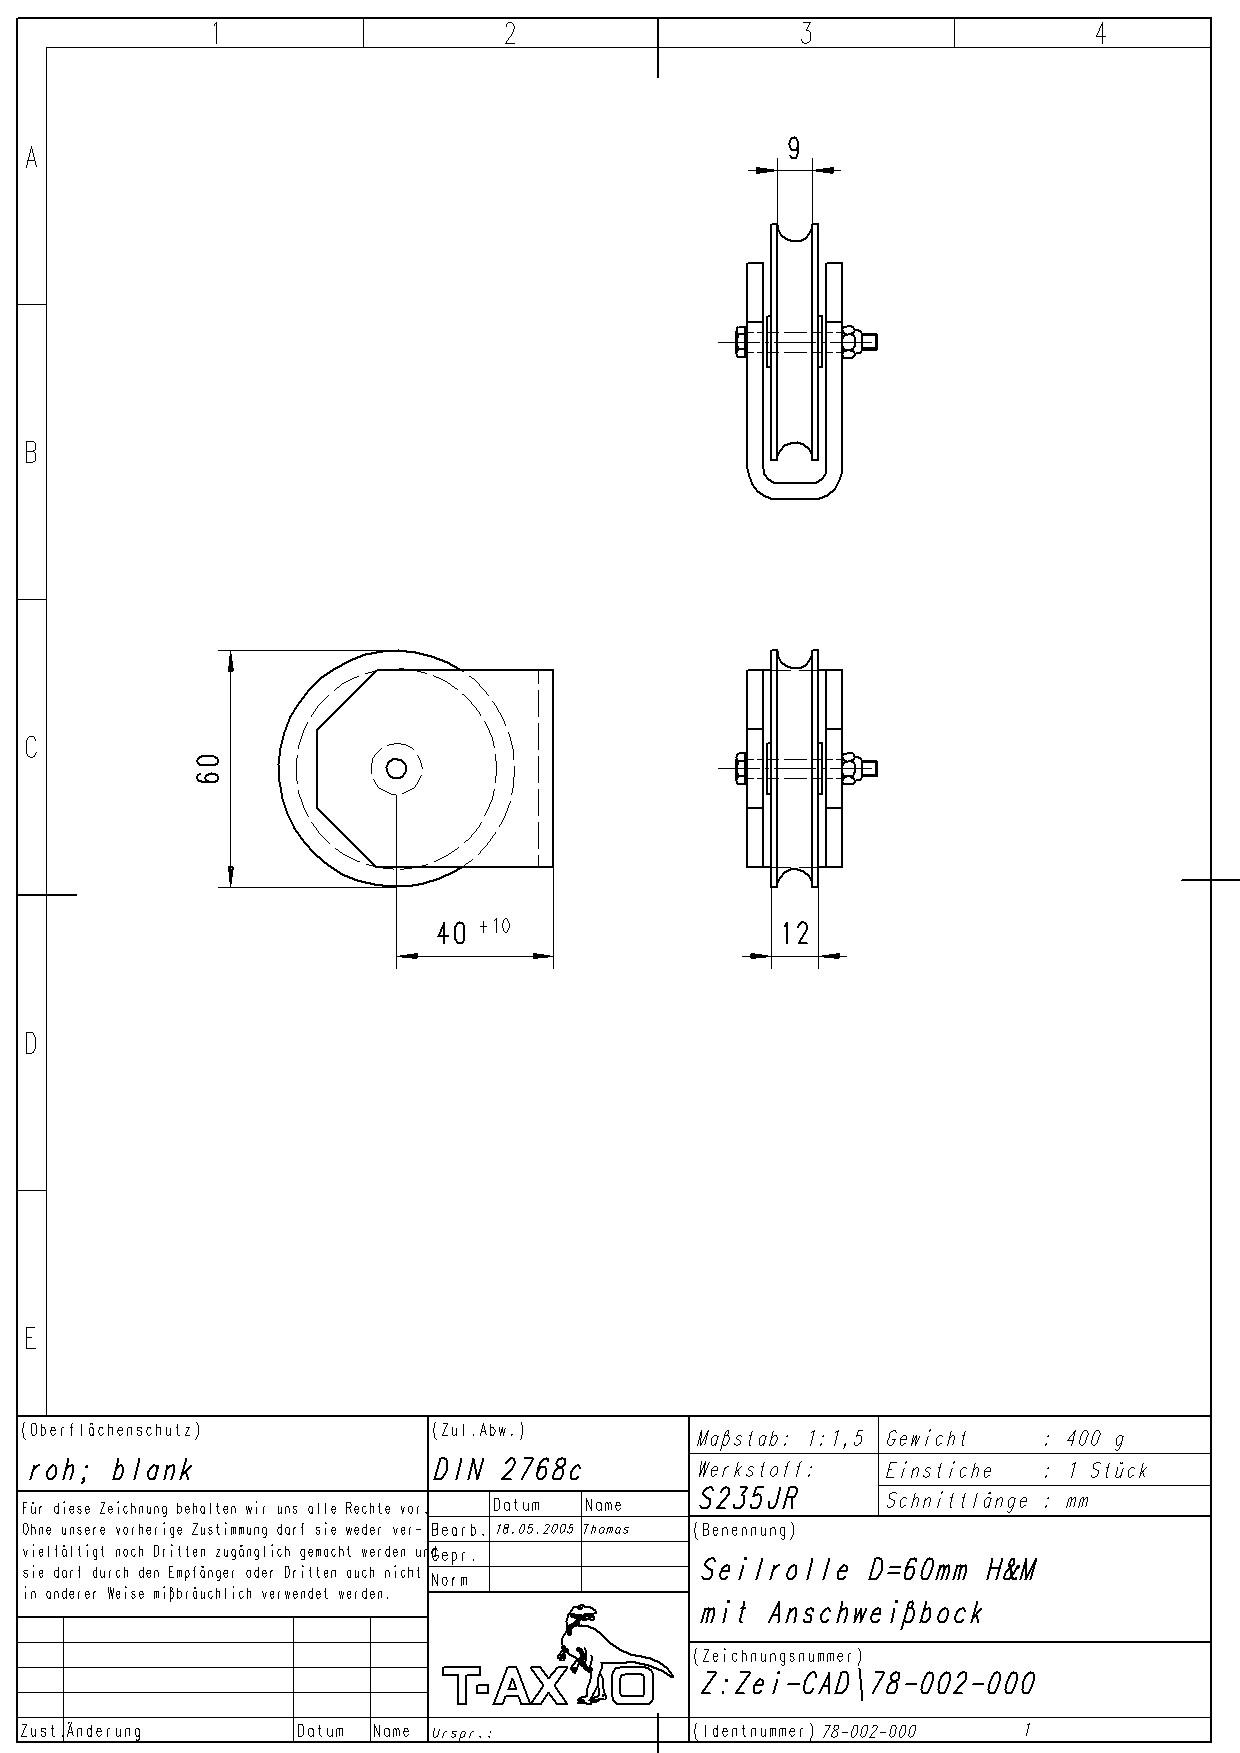 Seilrolle D=60mm zum Anschweißen - www.obermaier.shop